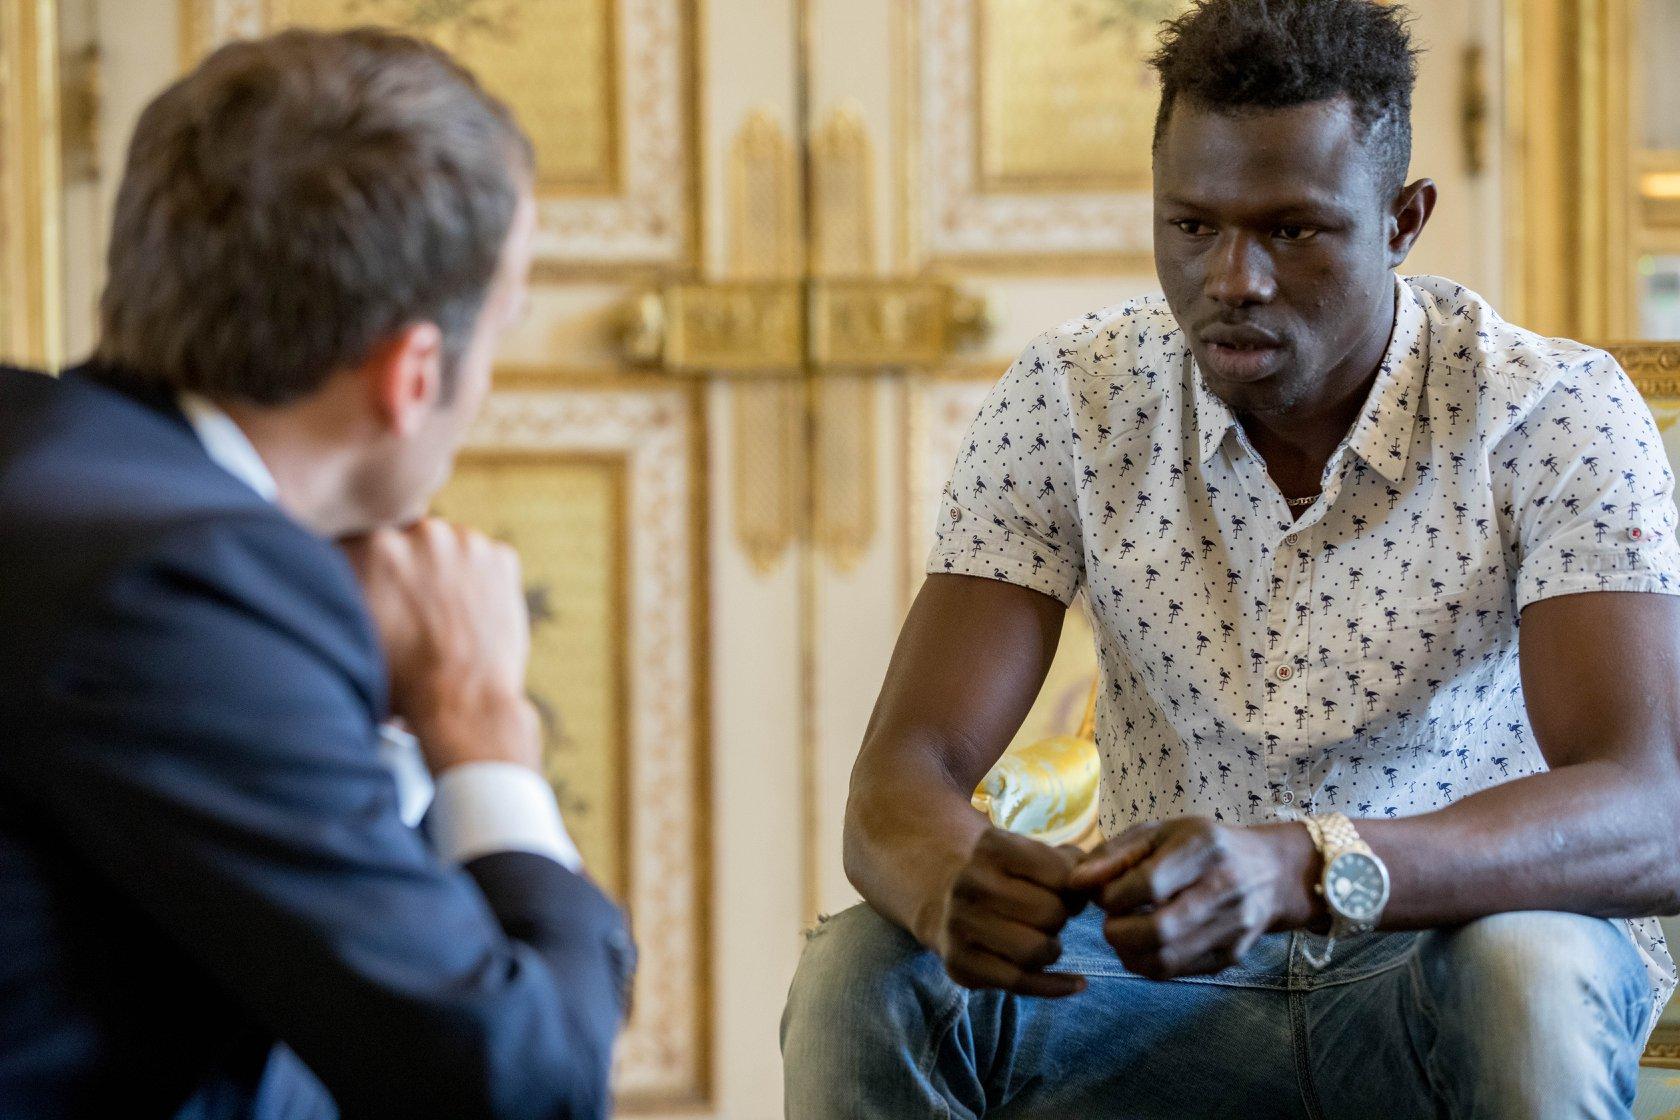 Álomsztori: állampolgárságot és állást is kap a párizsi Migráns Pókember